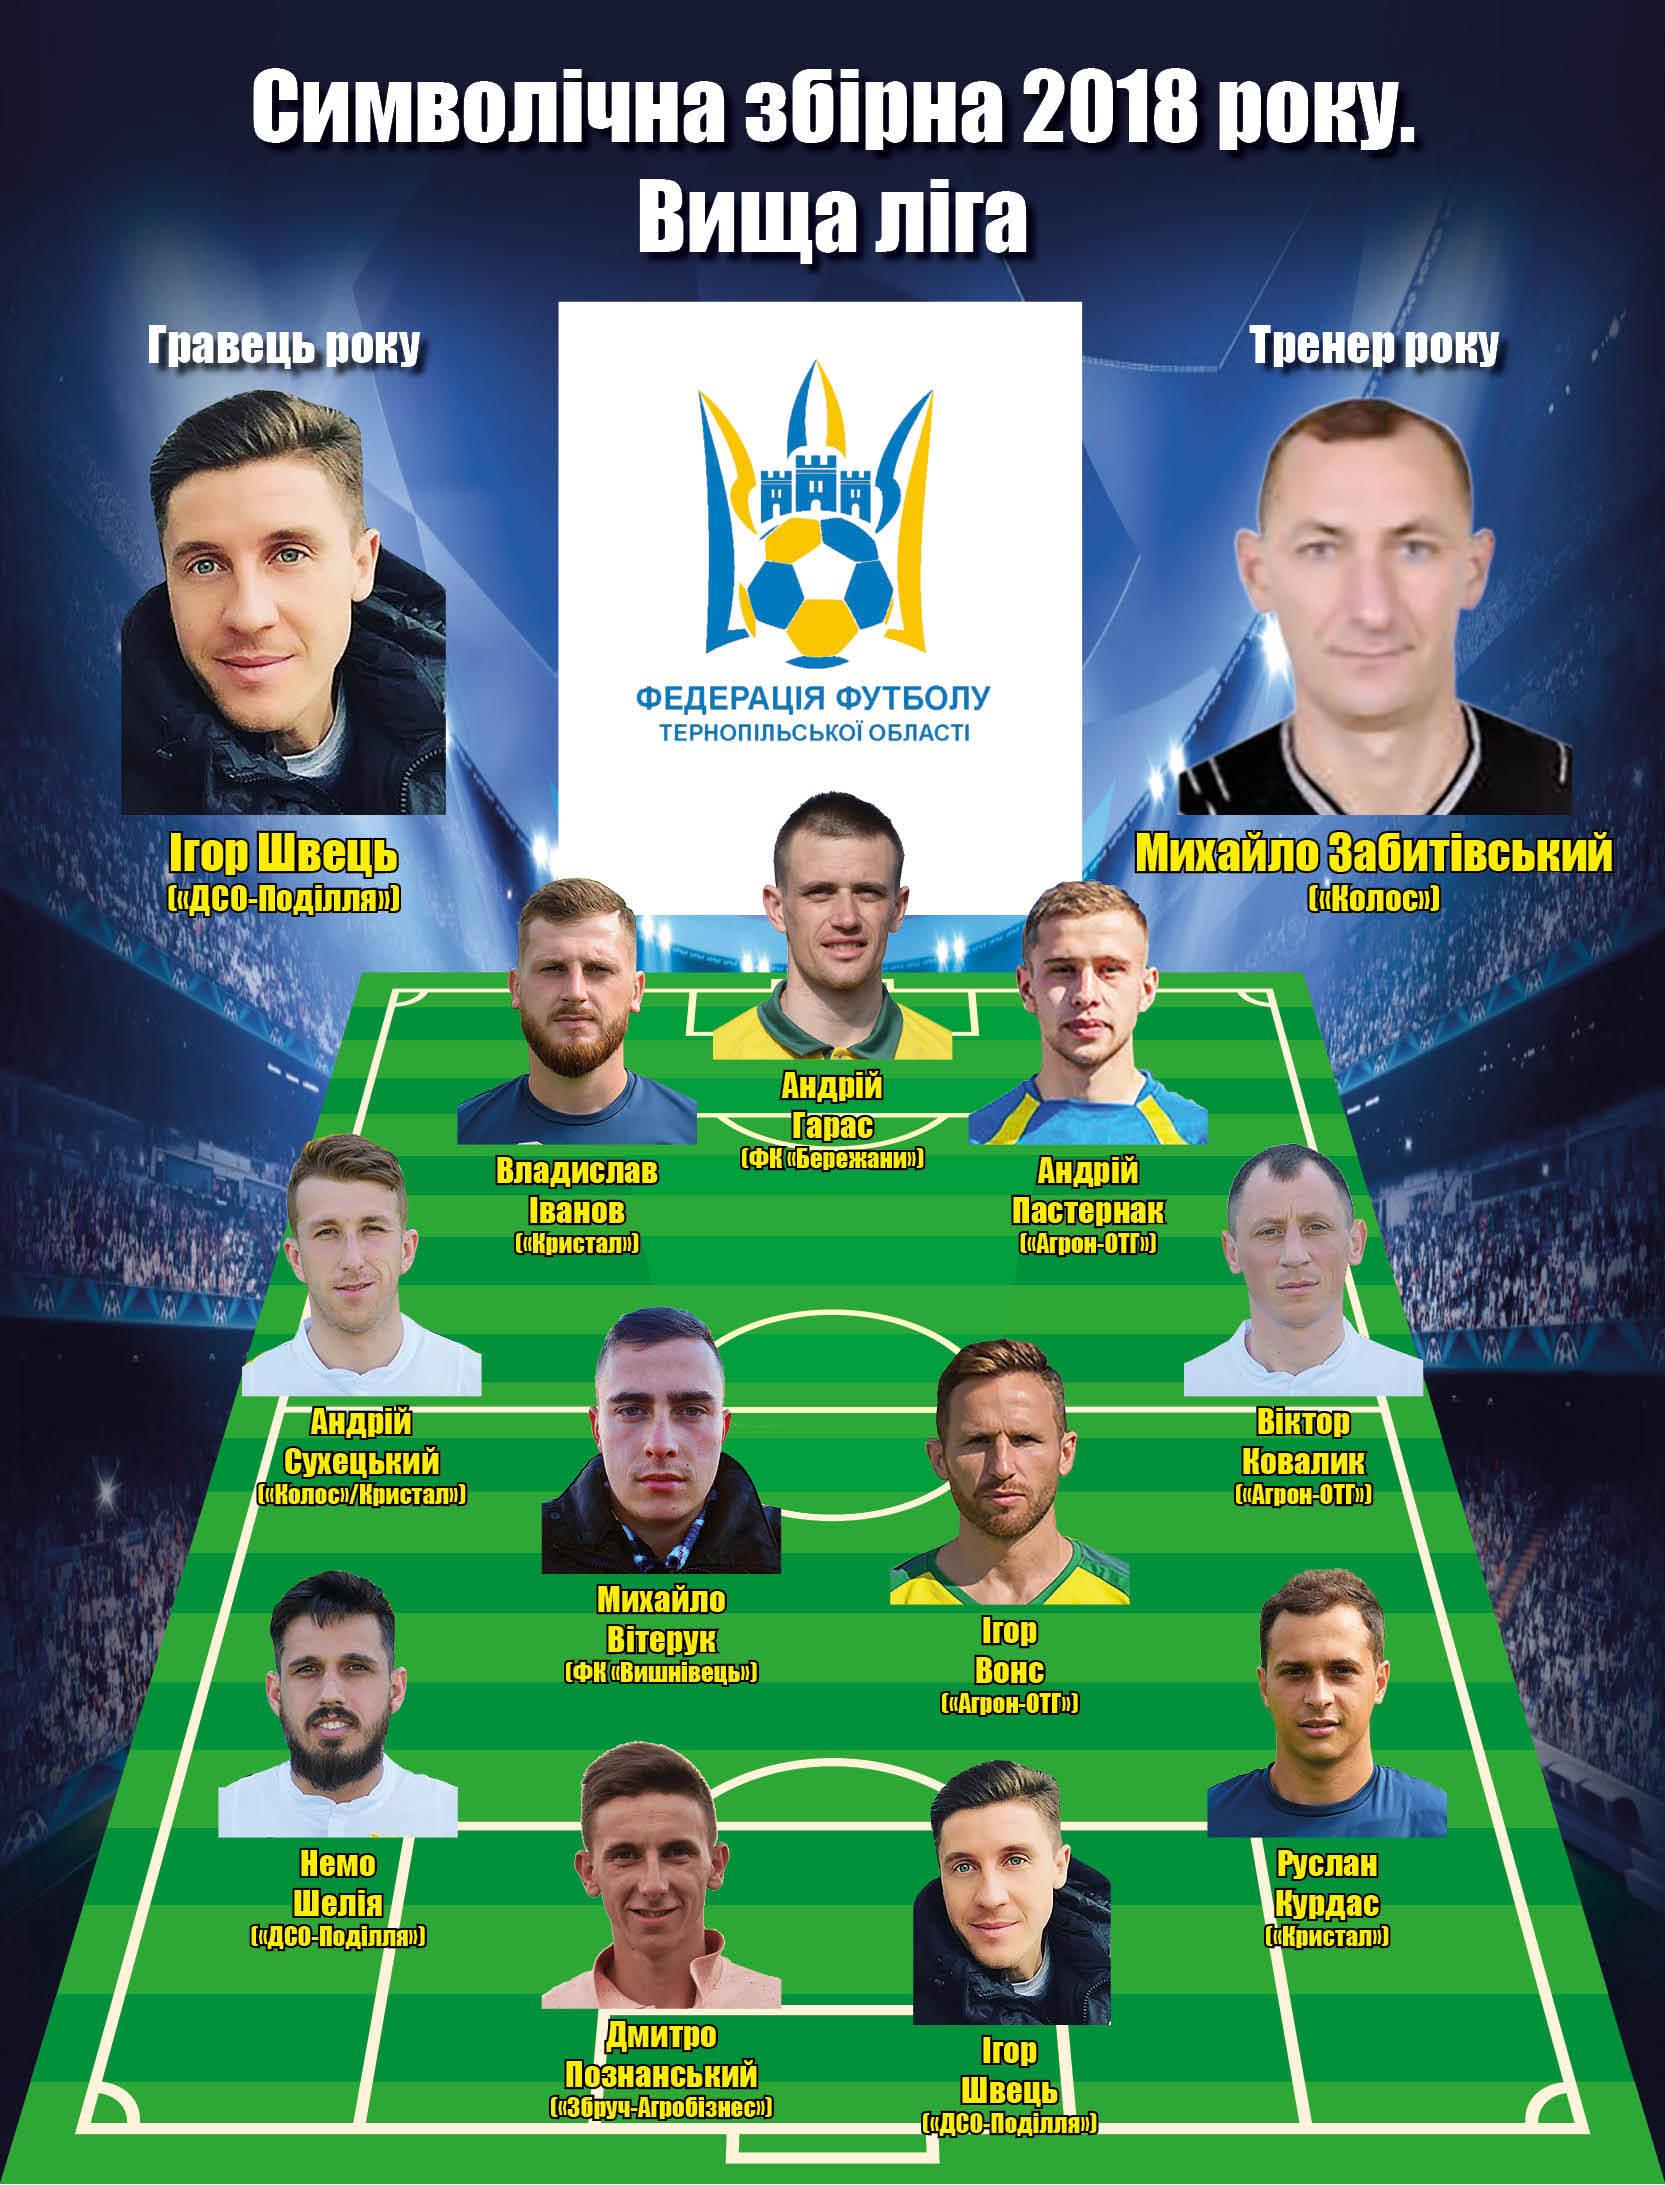 Символічна збірна чемпіонату Тернопільської області - изображение 1